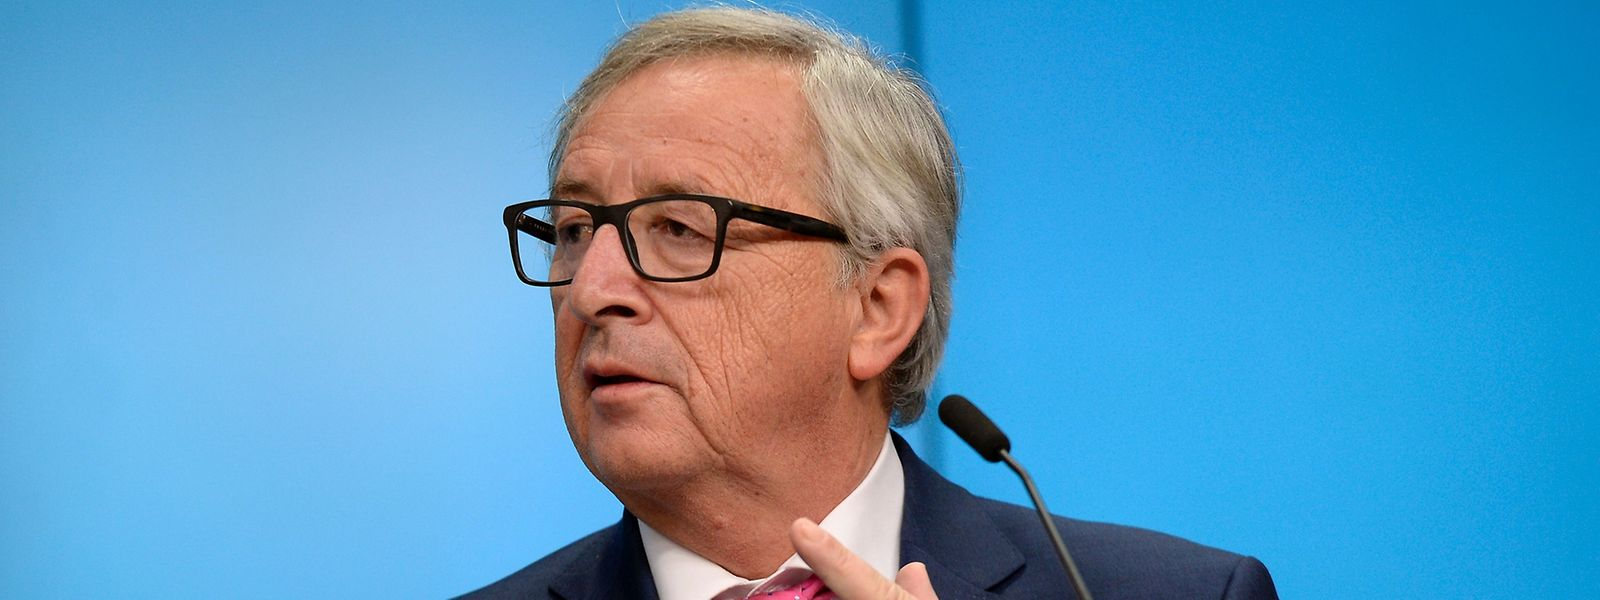 Des fuites qui vont embarrasser Jean-Claude Juncker, qui avait déclaré qu'il aiderait l'UE à lutter contre l'évasion fiscale.